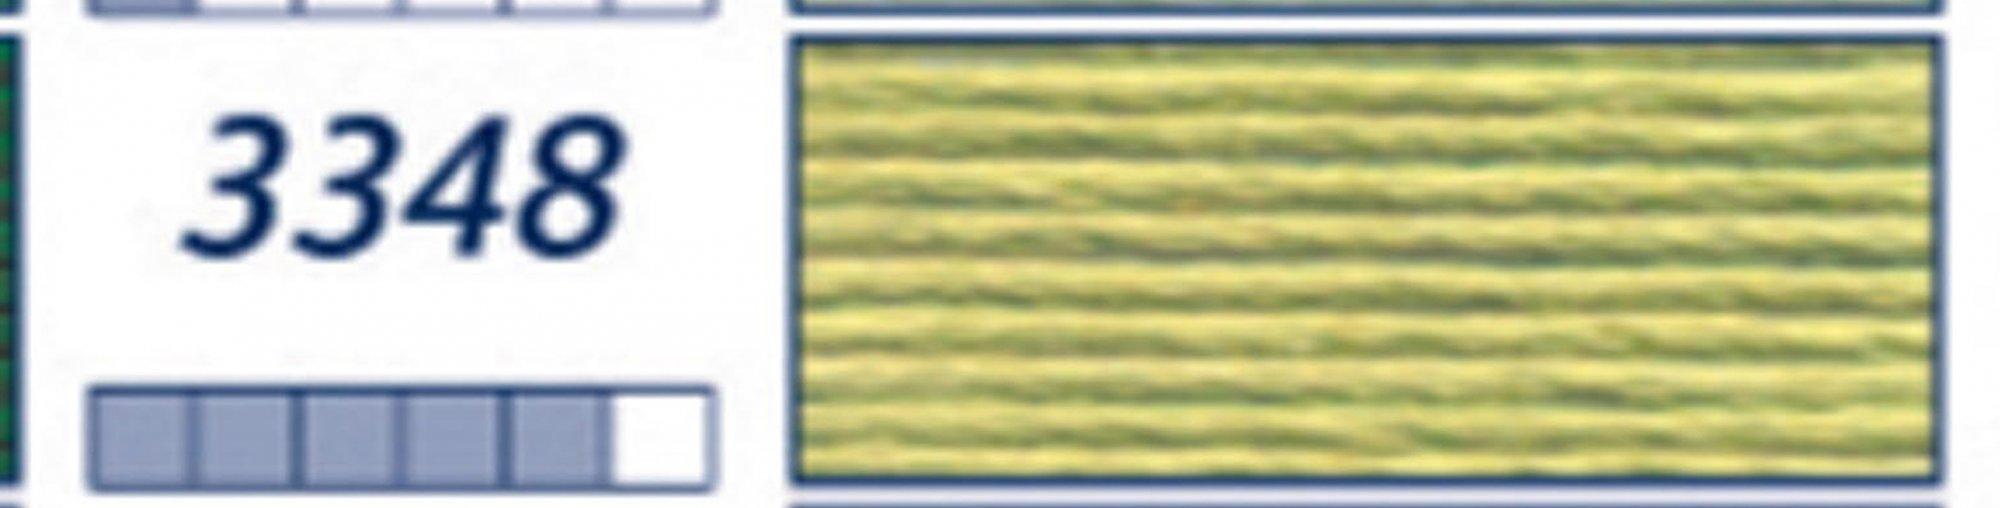 DP3-3348-LT YELLOW GREEN